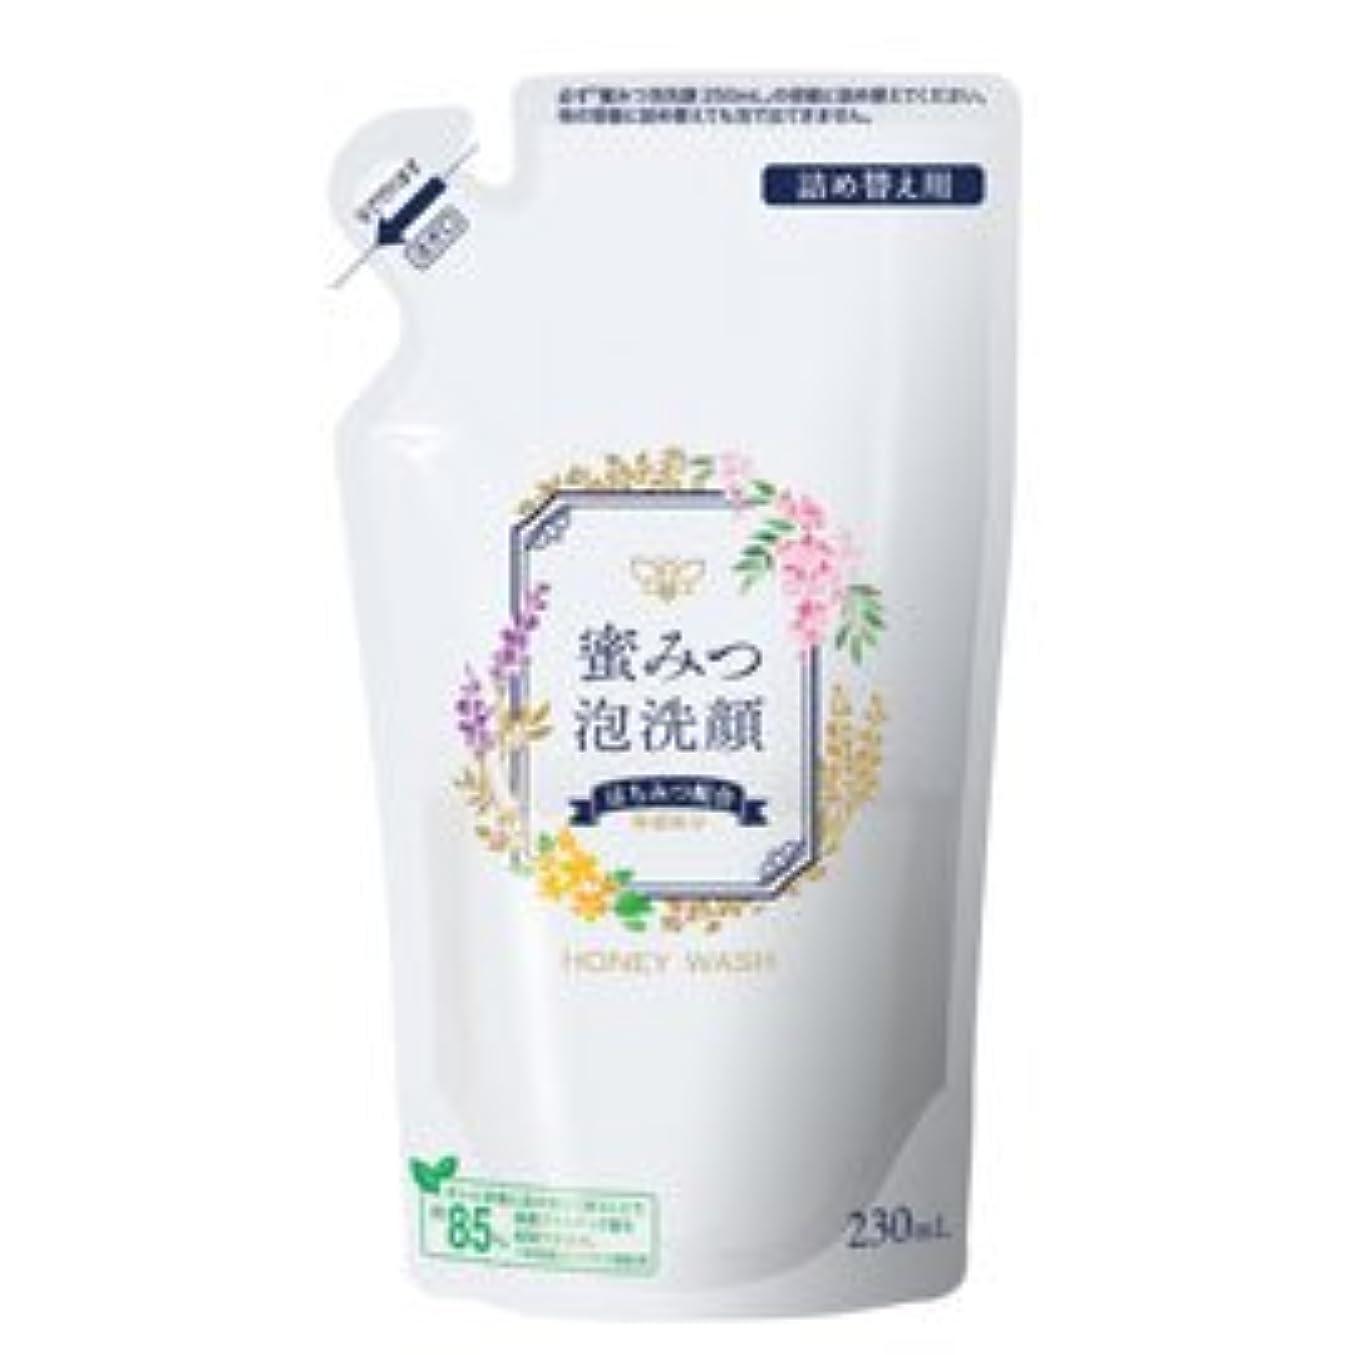 余分な困難クリーナー蜜みつ泡洗顔 230mL(詰替用)